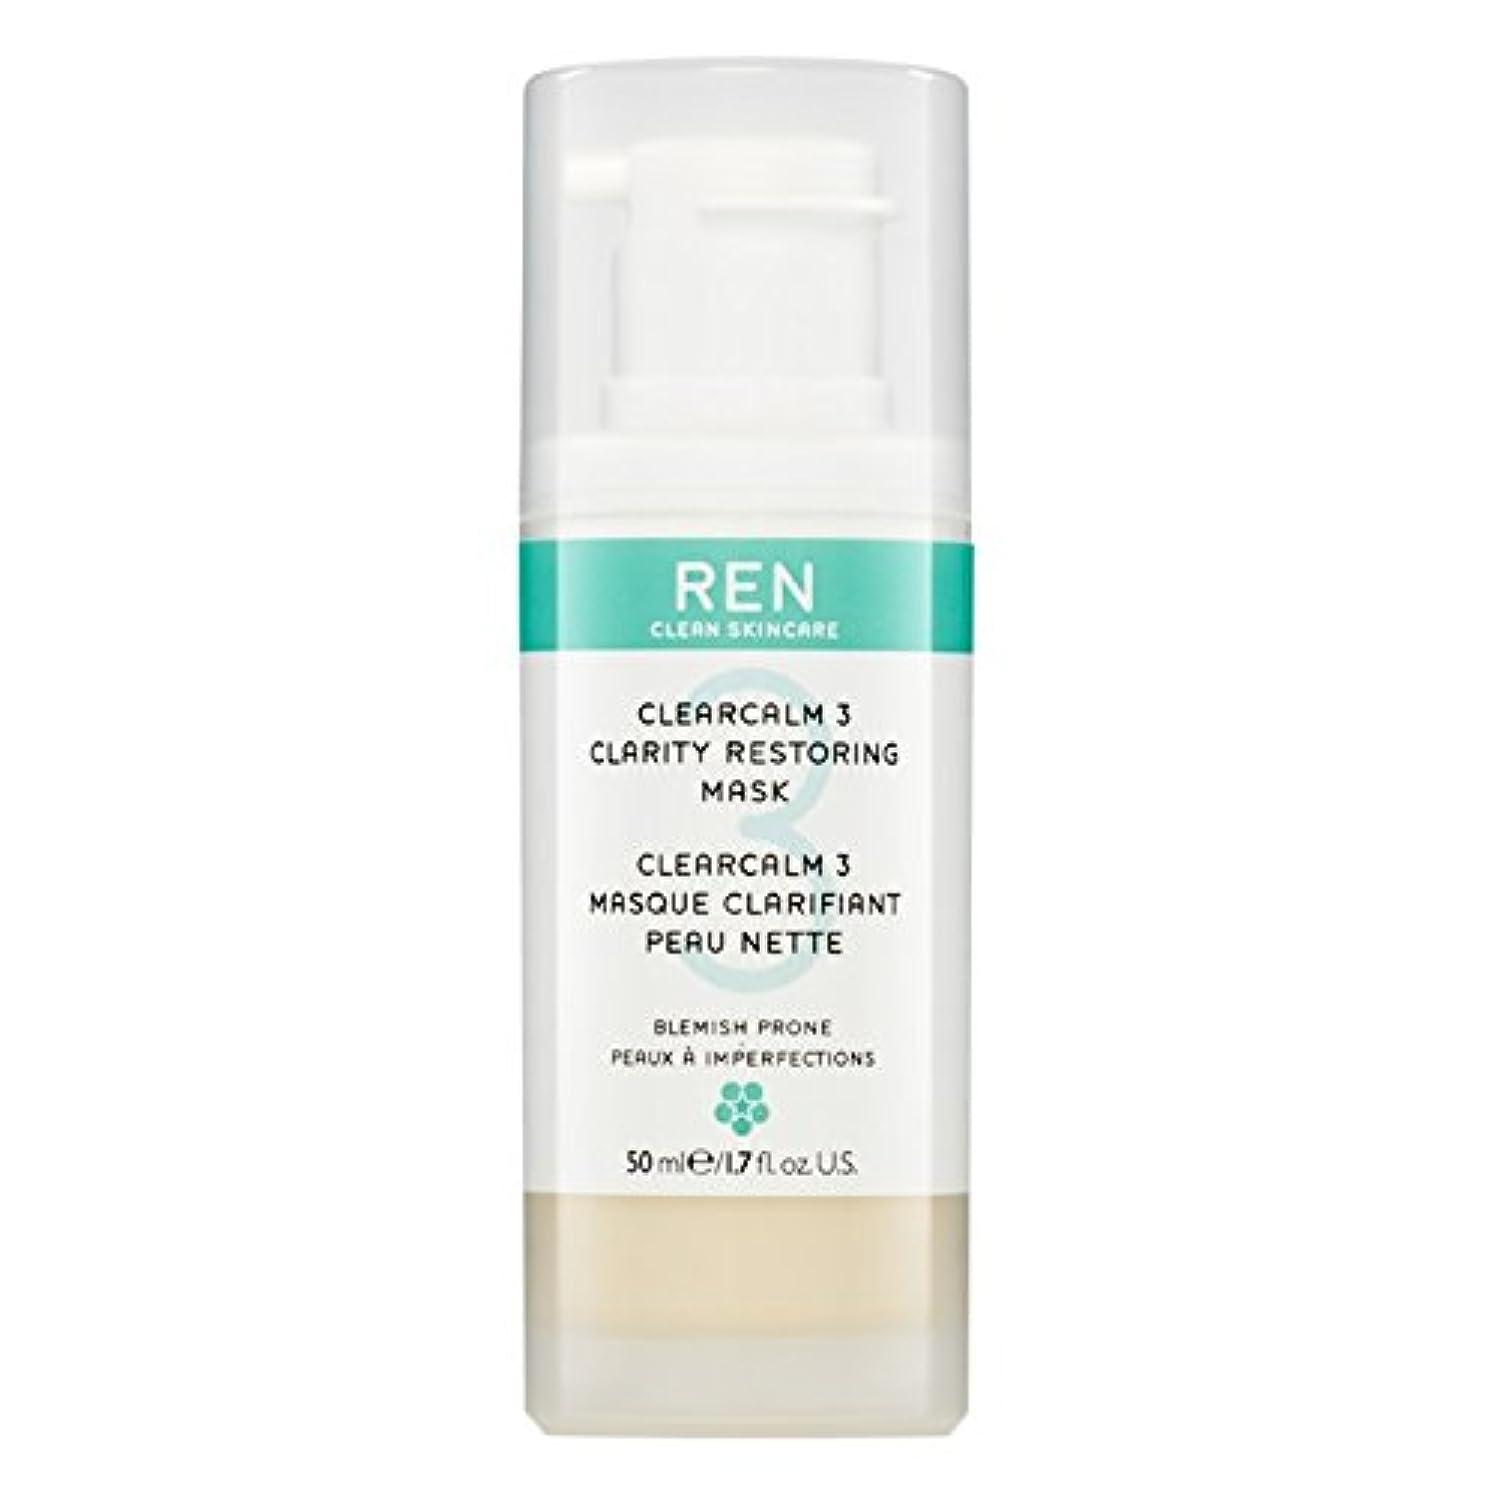 感情のワックスエゴイズムクレイ洗顔料の150ミリリットルを明確レン (REN) - REN Clarifying Clay Facial Cleanser 150ml [並行輸入品]